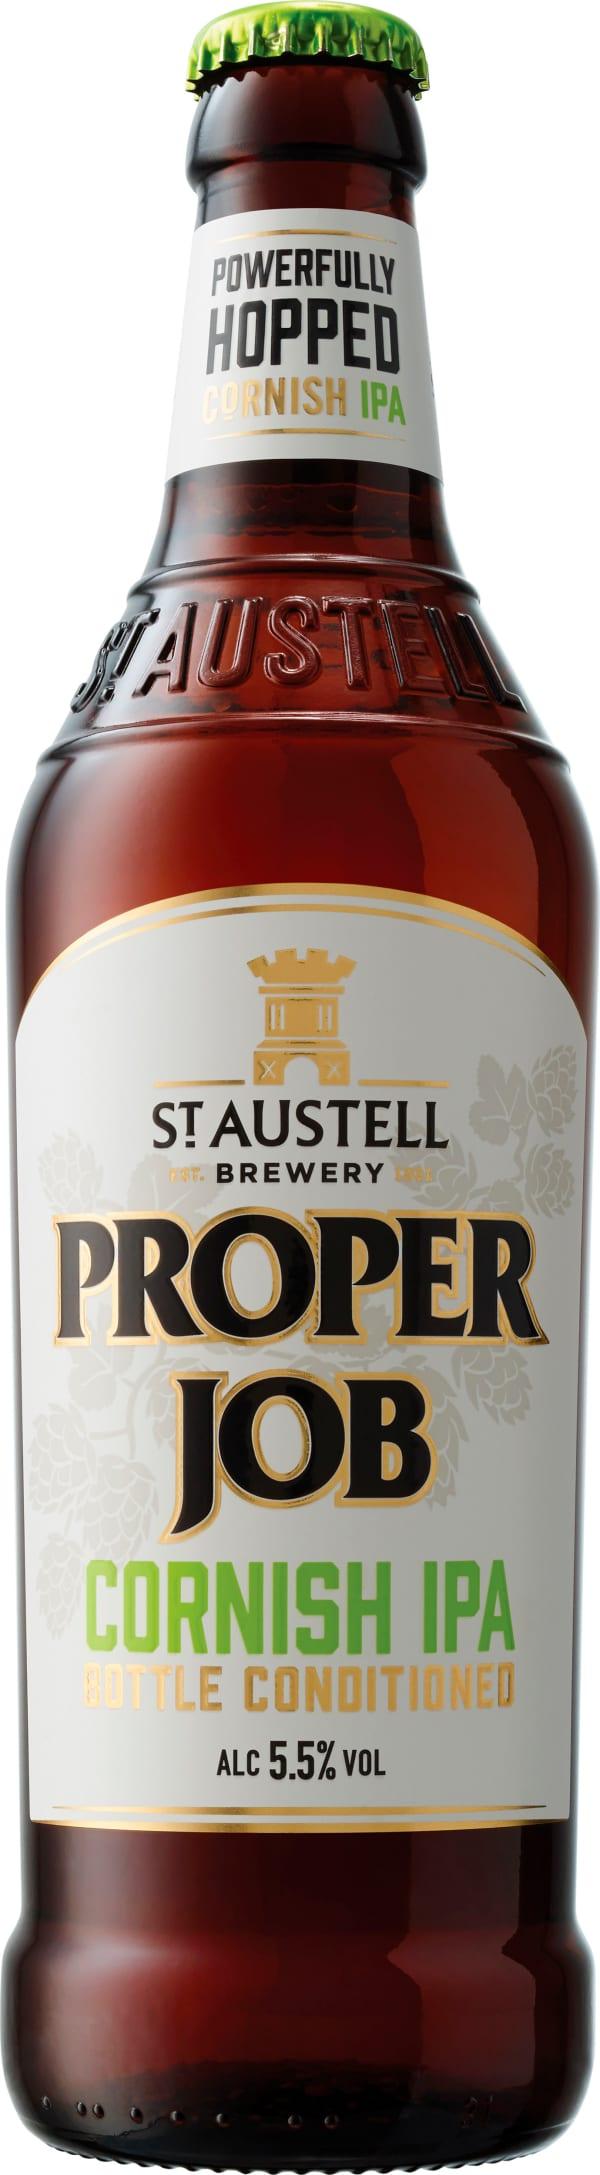 St. Austell Proper Job IPA